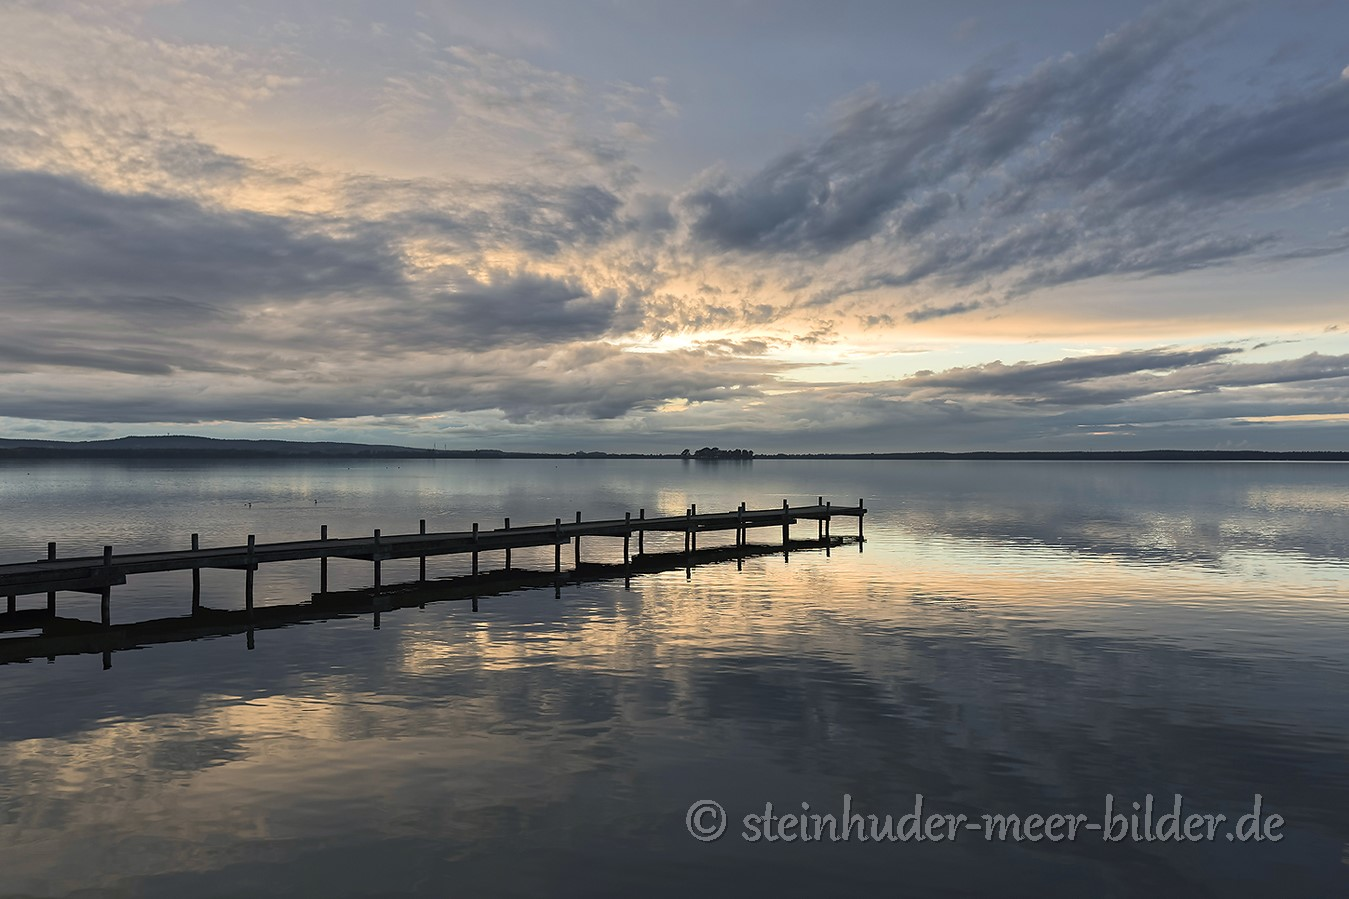 Wolken-Wolkenhimmel-Abendstimmung-Abendlicht-Steinhuder Meer-A_NIK7713